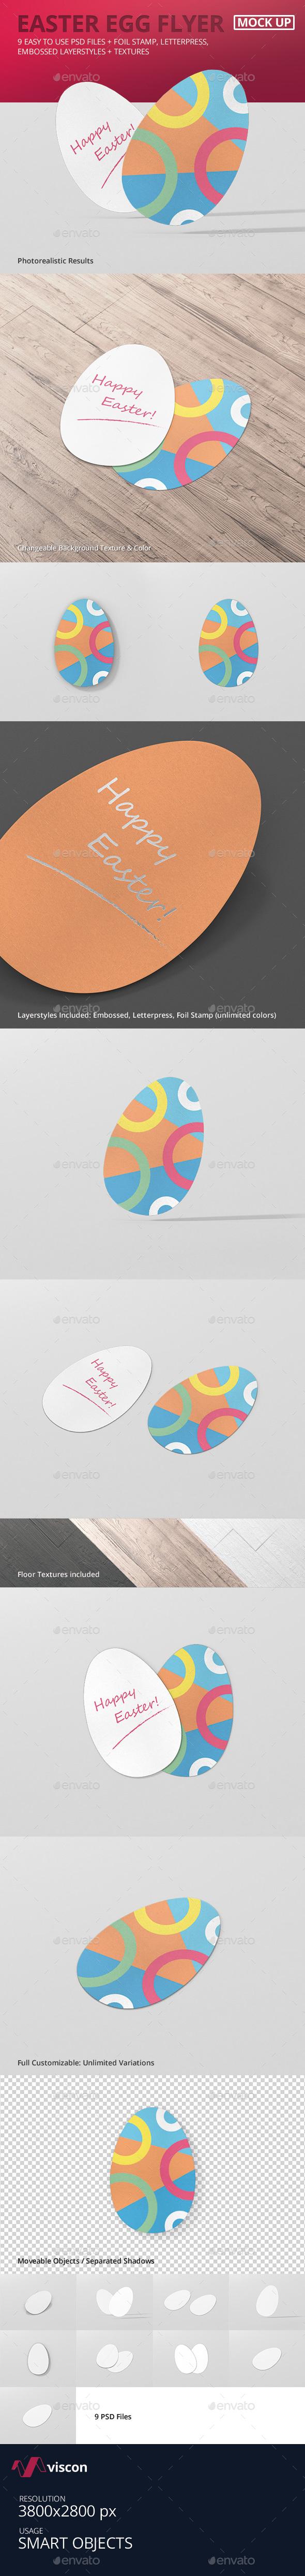 Easter Egg Flyer Mock-Up - Flyers Print